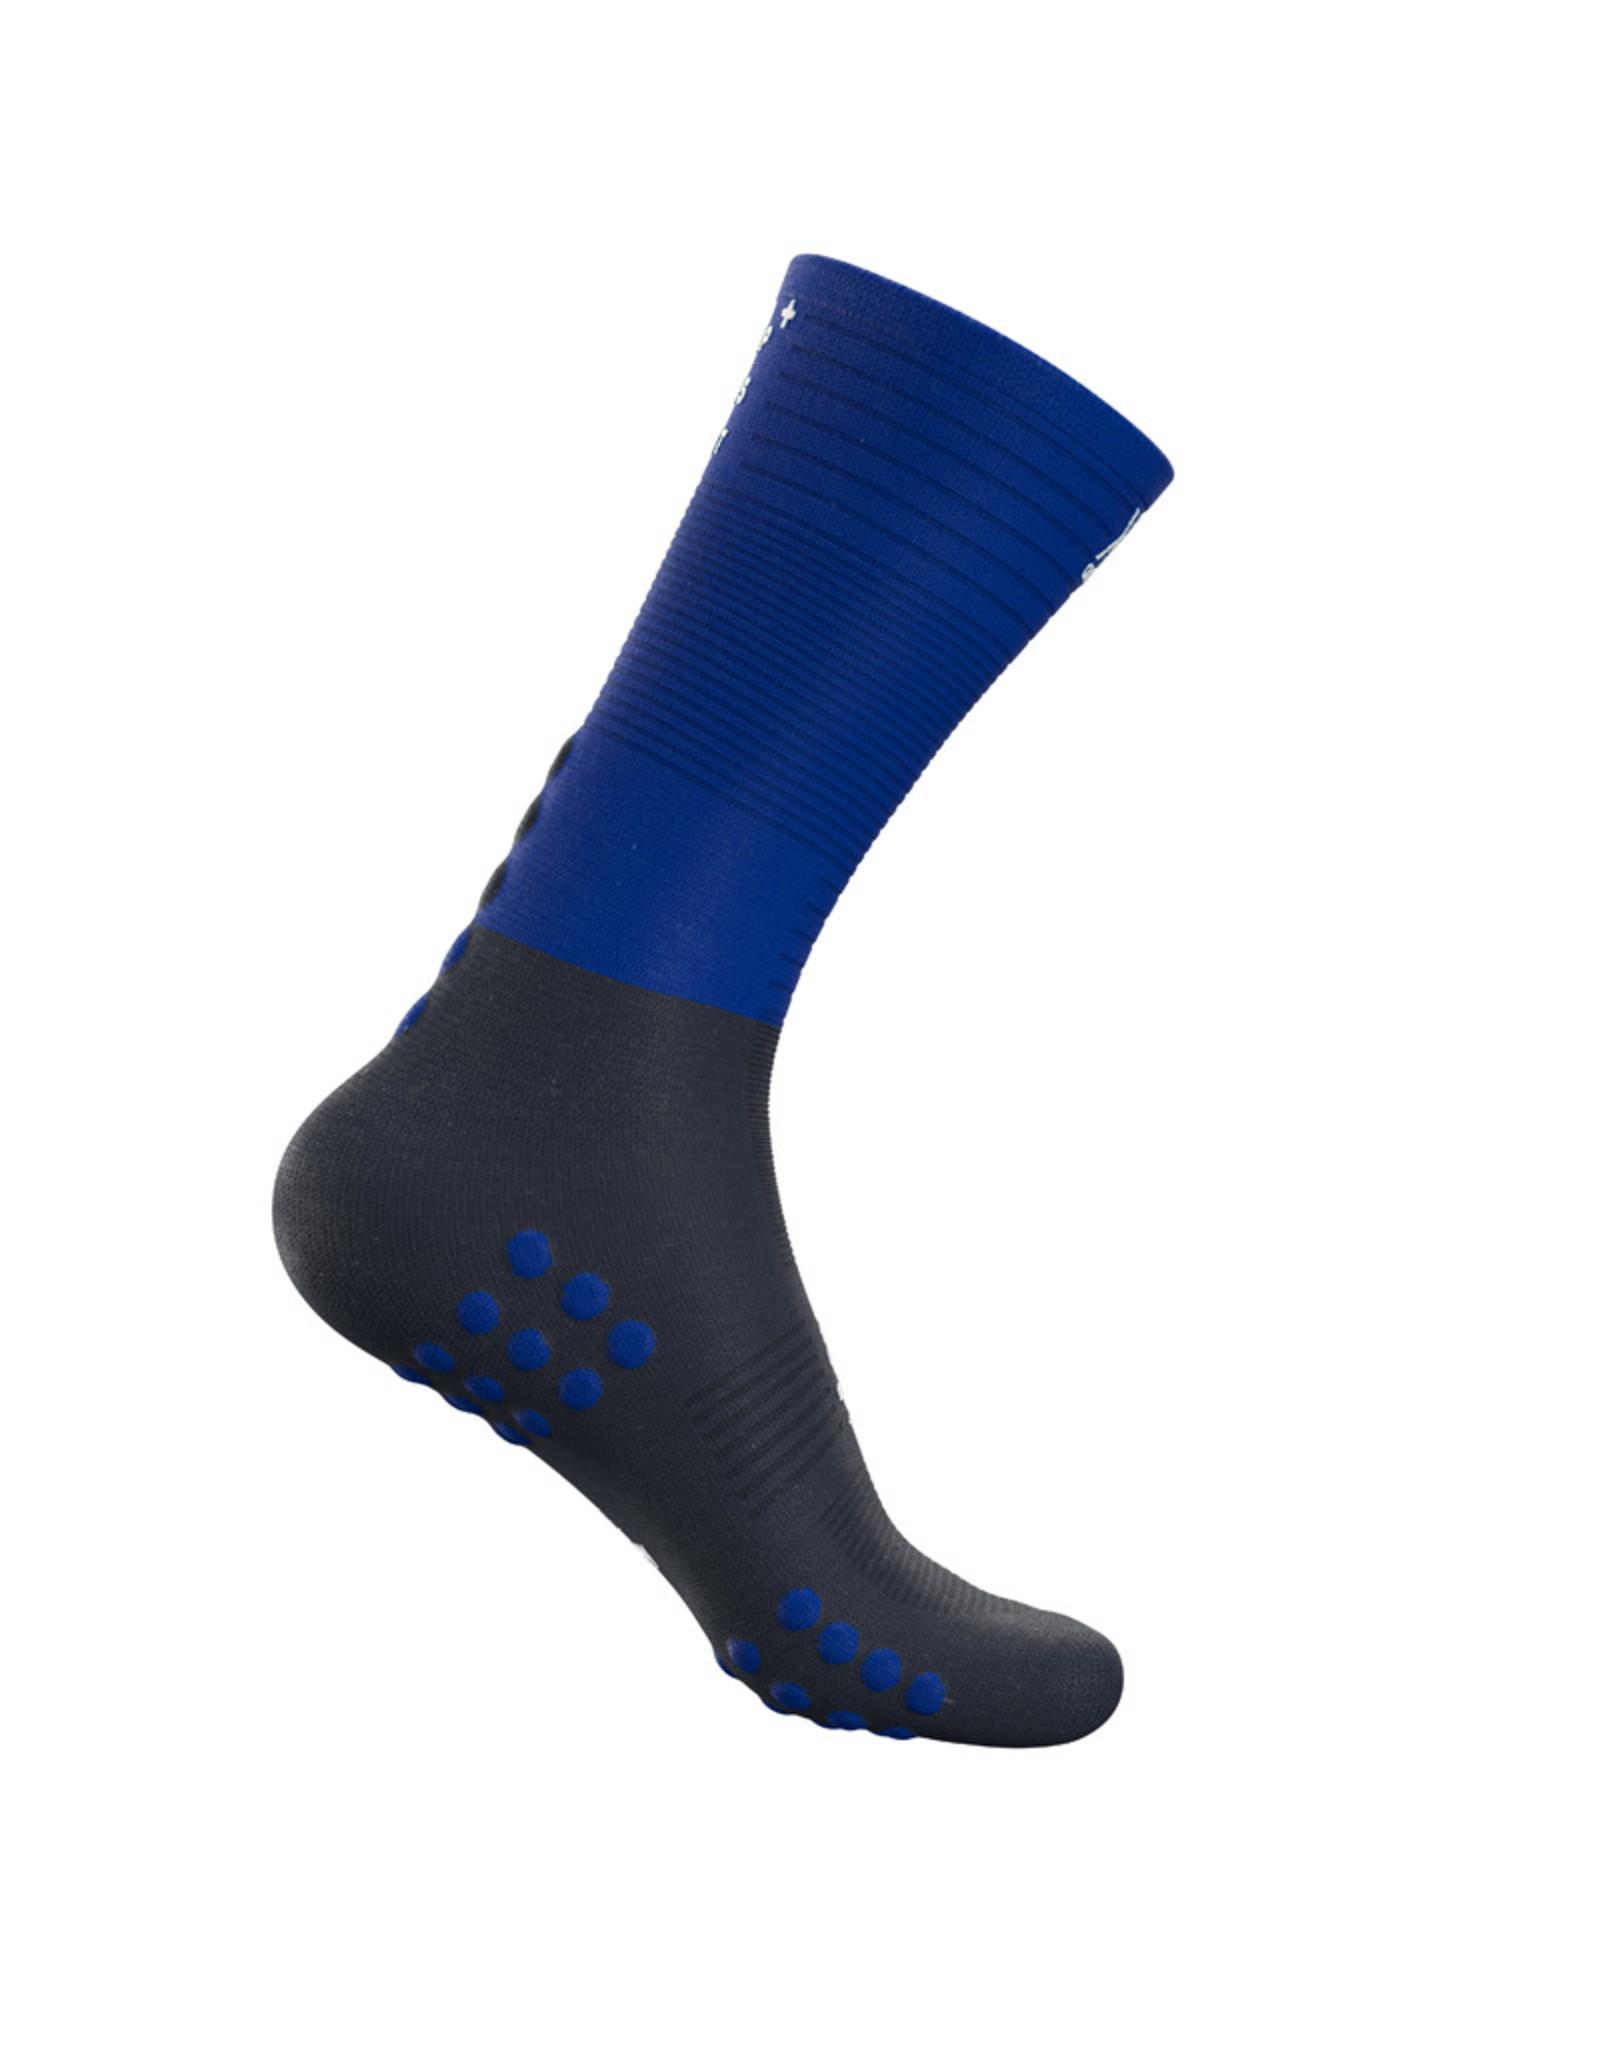 Compressport Mid Compression Socks - Blauw